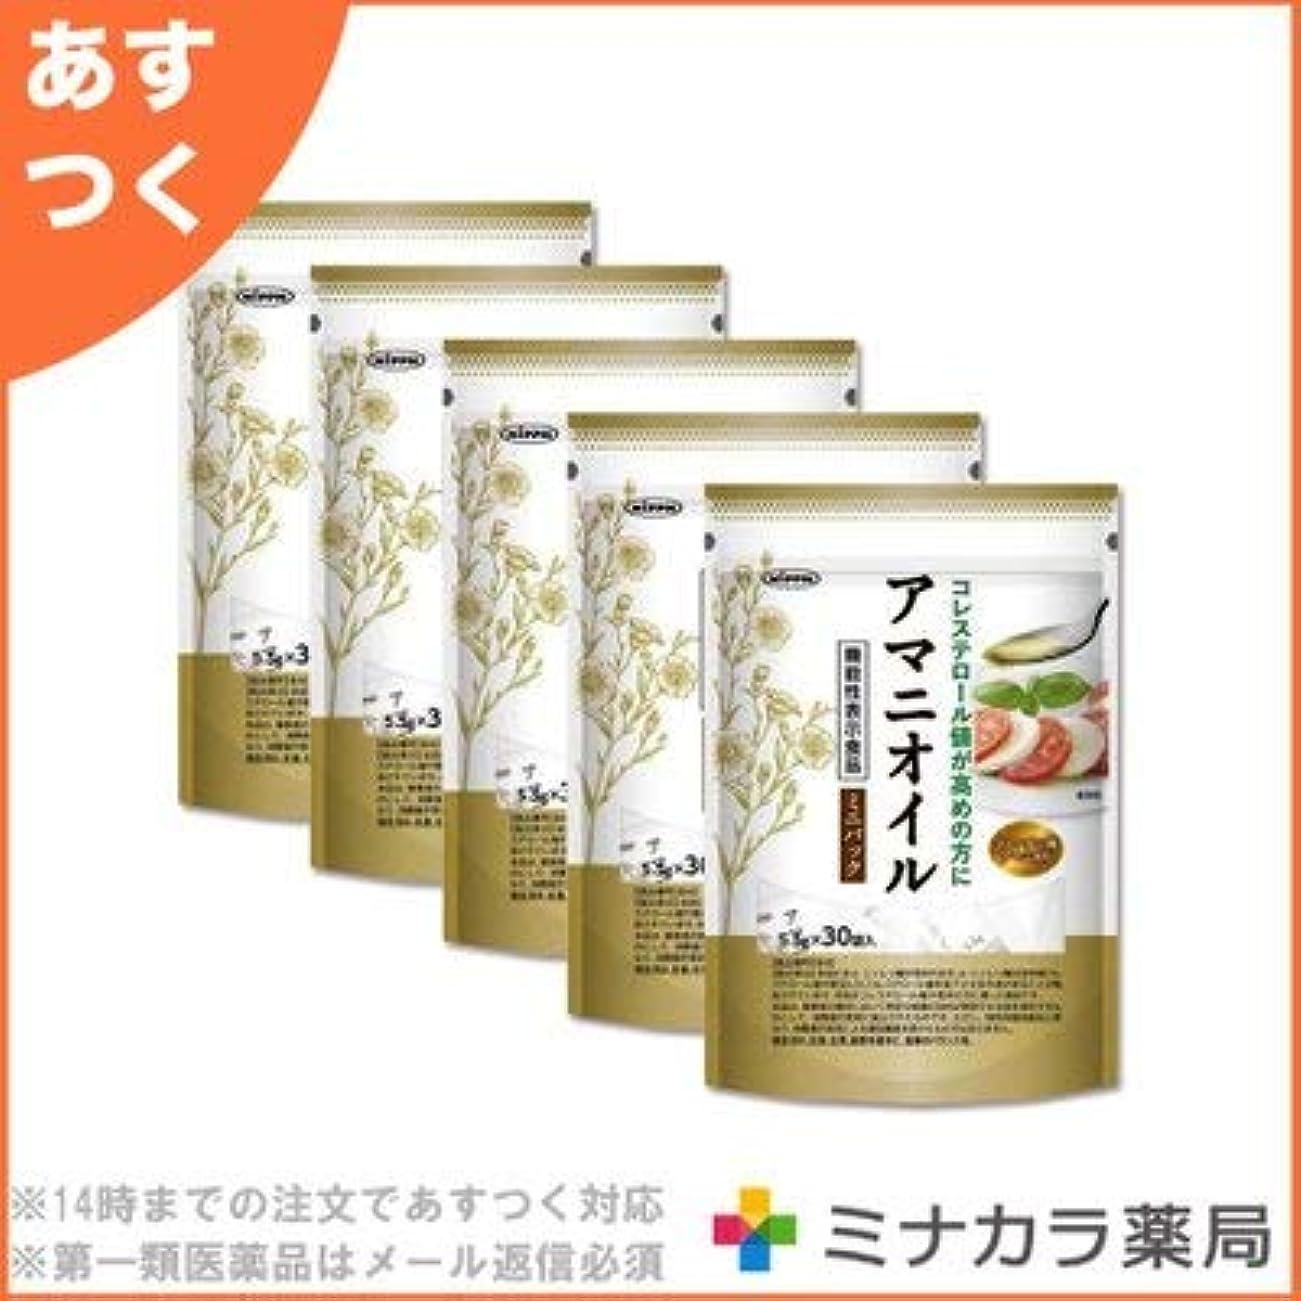 ベース追加アノイ日本製粉 アマニオイル ミニパック 5.5g×30 (機能性表示食品)×5個セット